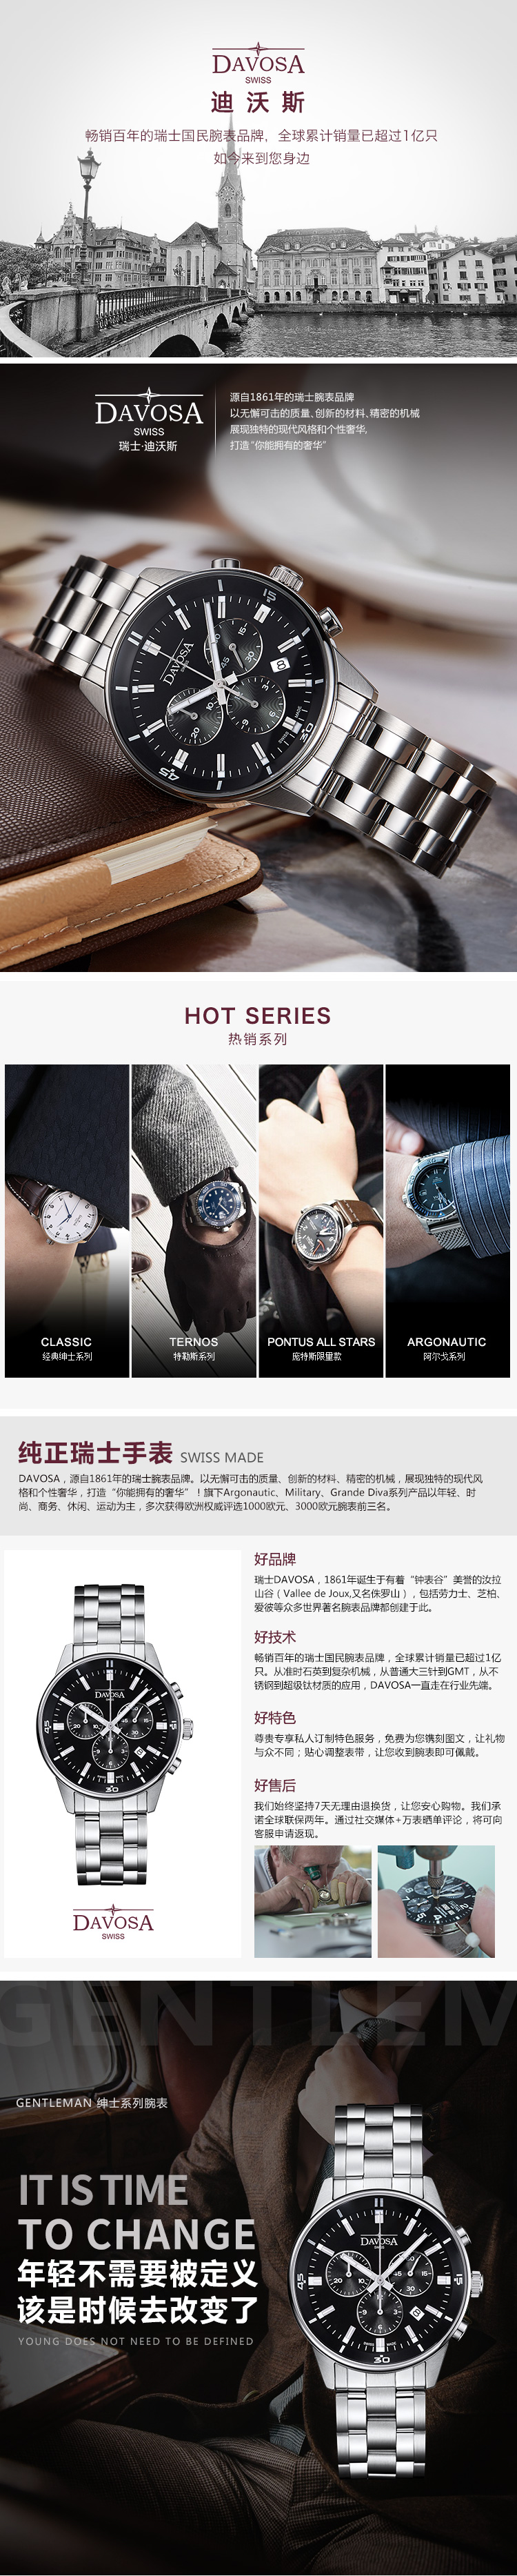 【已直降200元!】瑞士迪沃斯(DAVOSA)-Gentleman 绅士系列 Vireo商务精英 16348155 石英男表